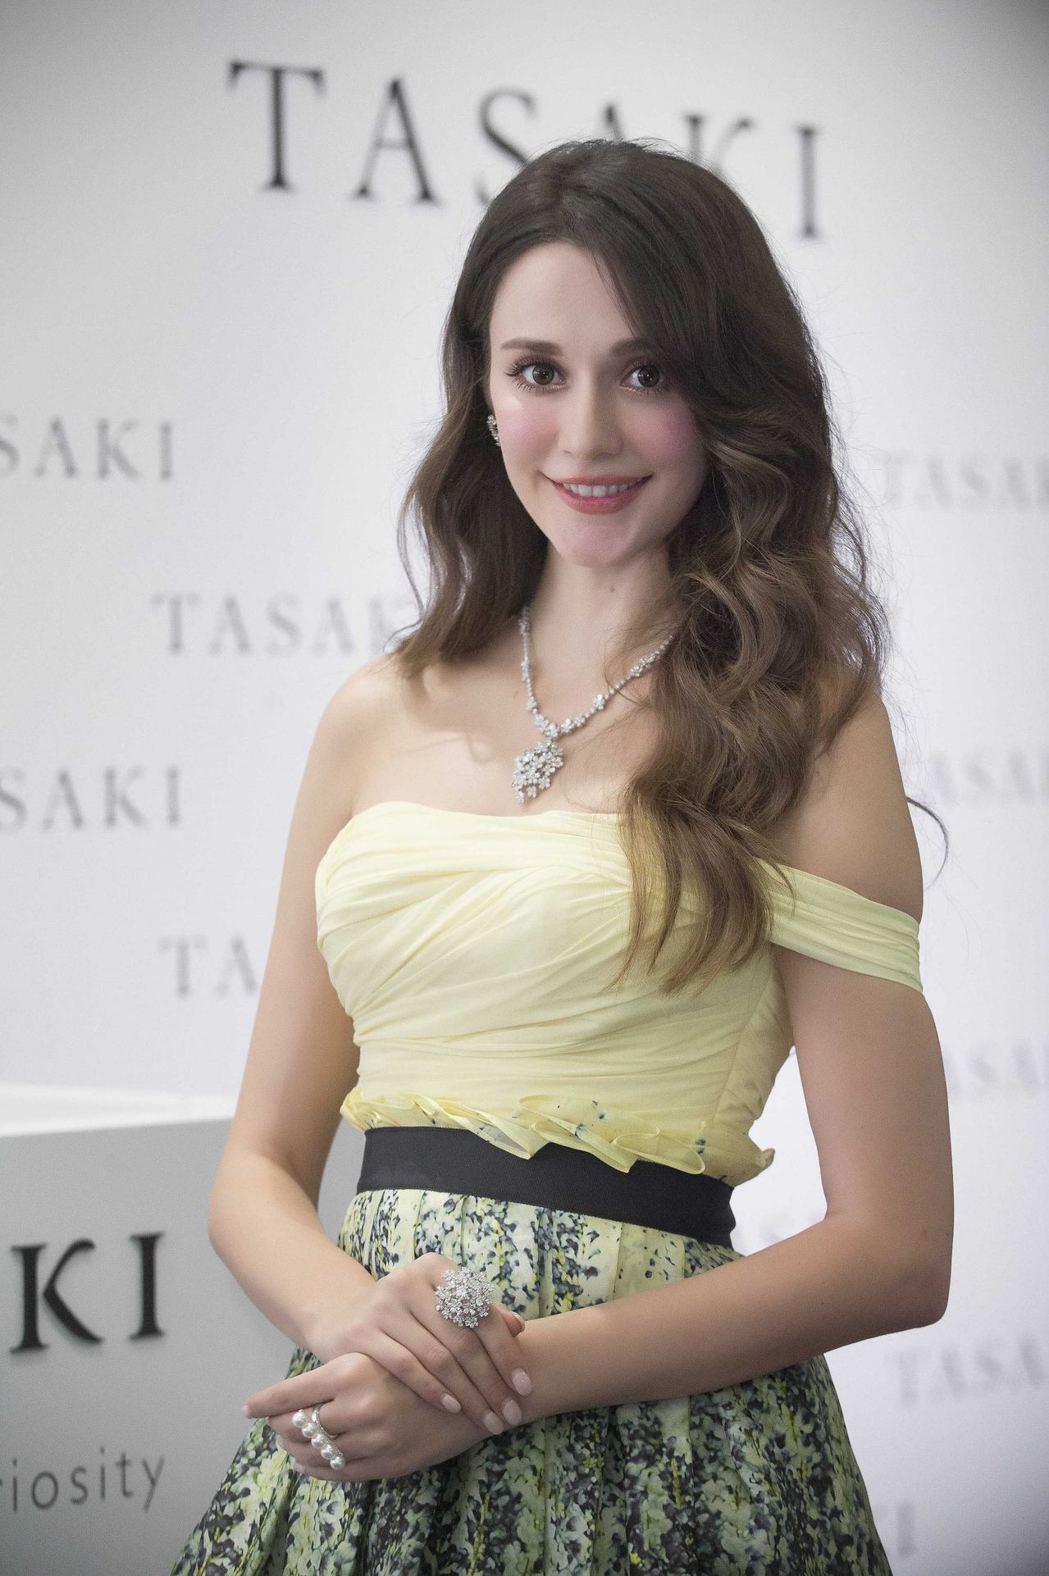 瑞莎配戴TASAKI balance diamonds pave 鑽石珍珠戒指象...